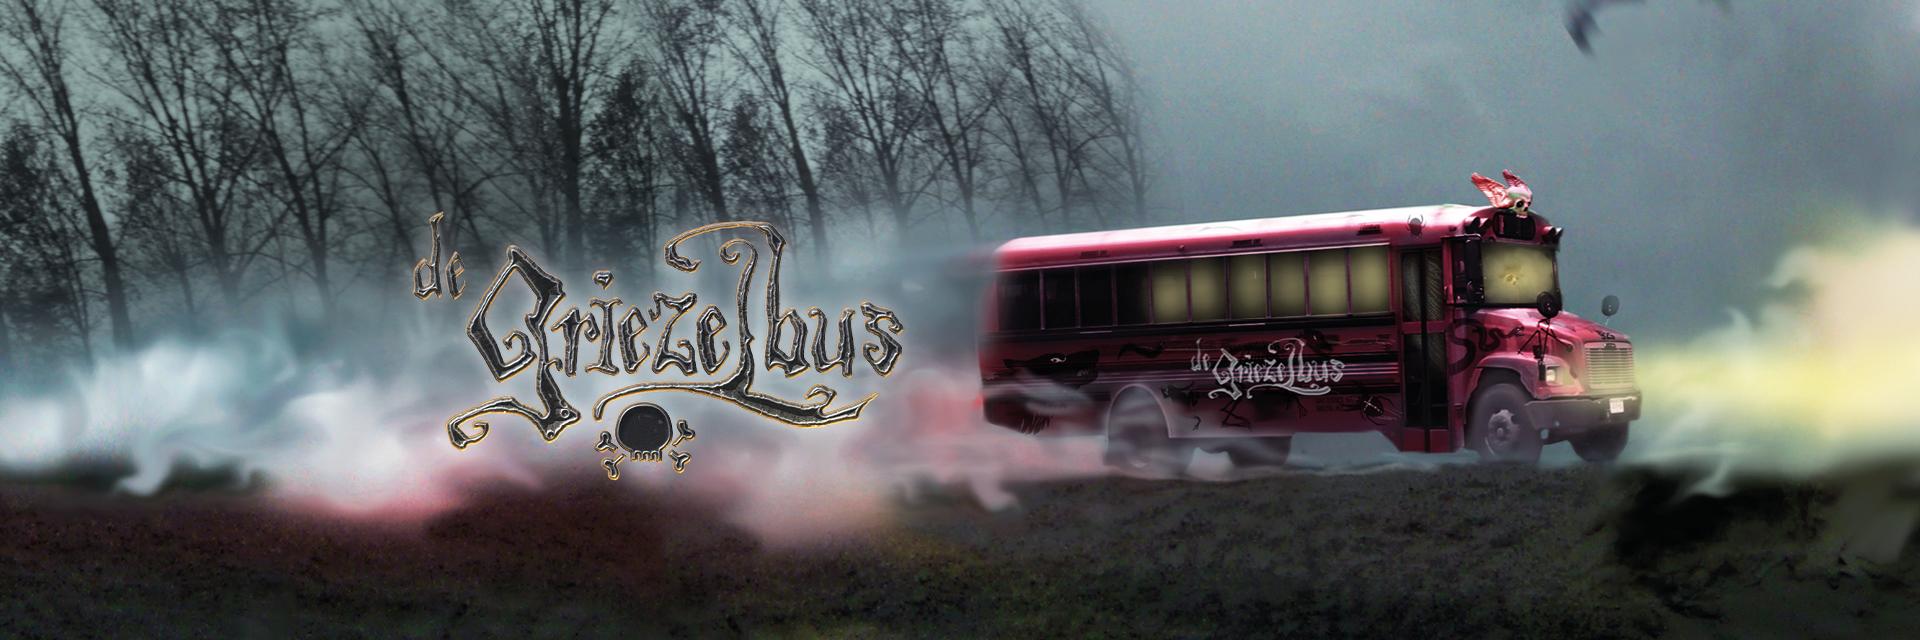 De Griezelbus - Paul van Loon